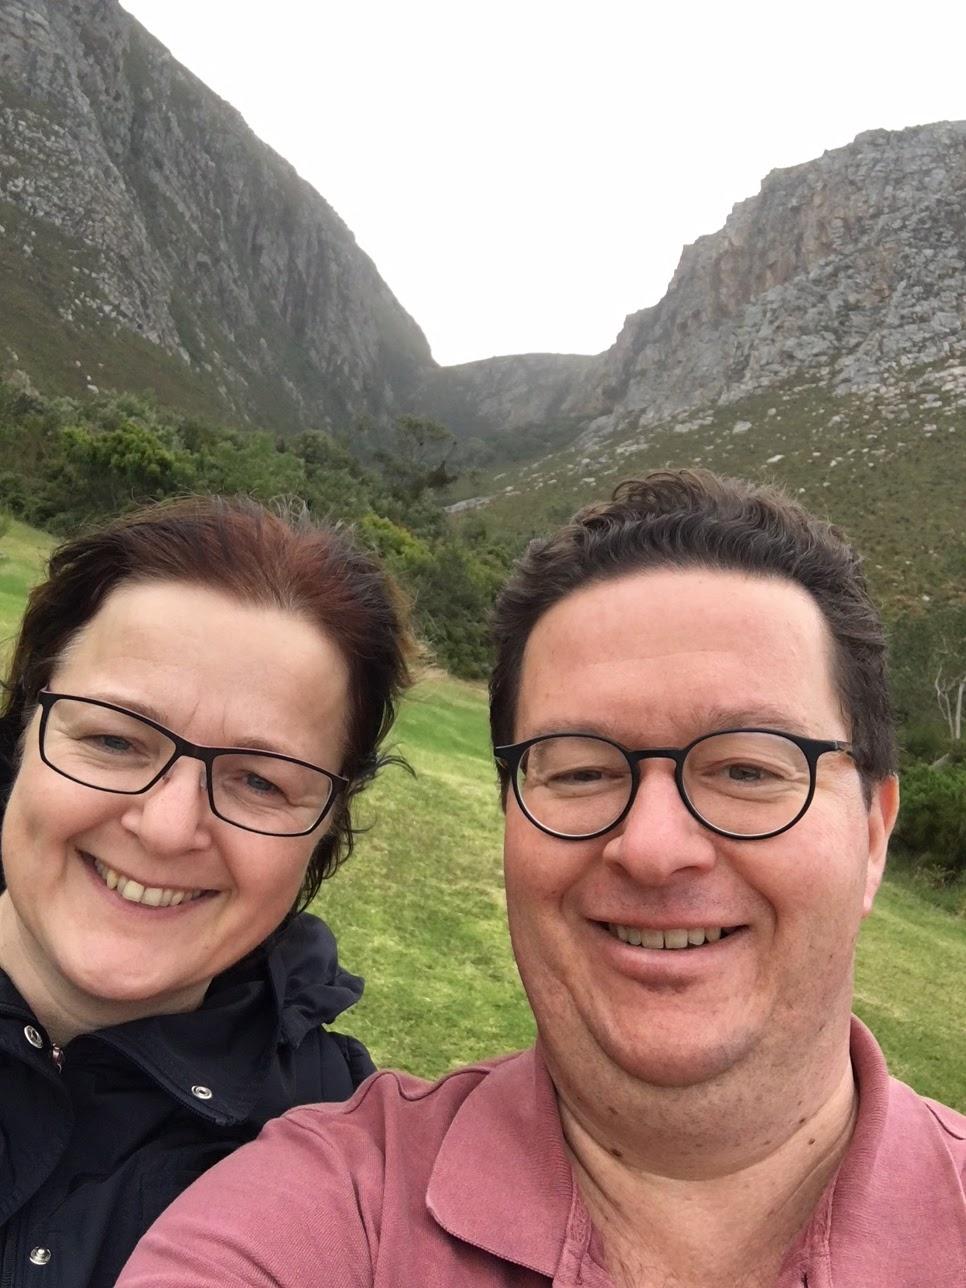 dejtingsajter Kap staden Sydafrika RV Park hookup alternativ